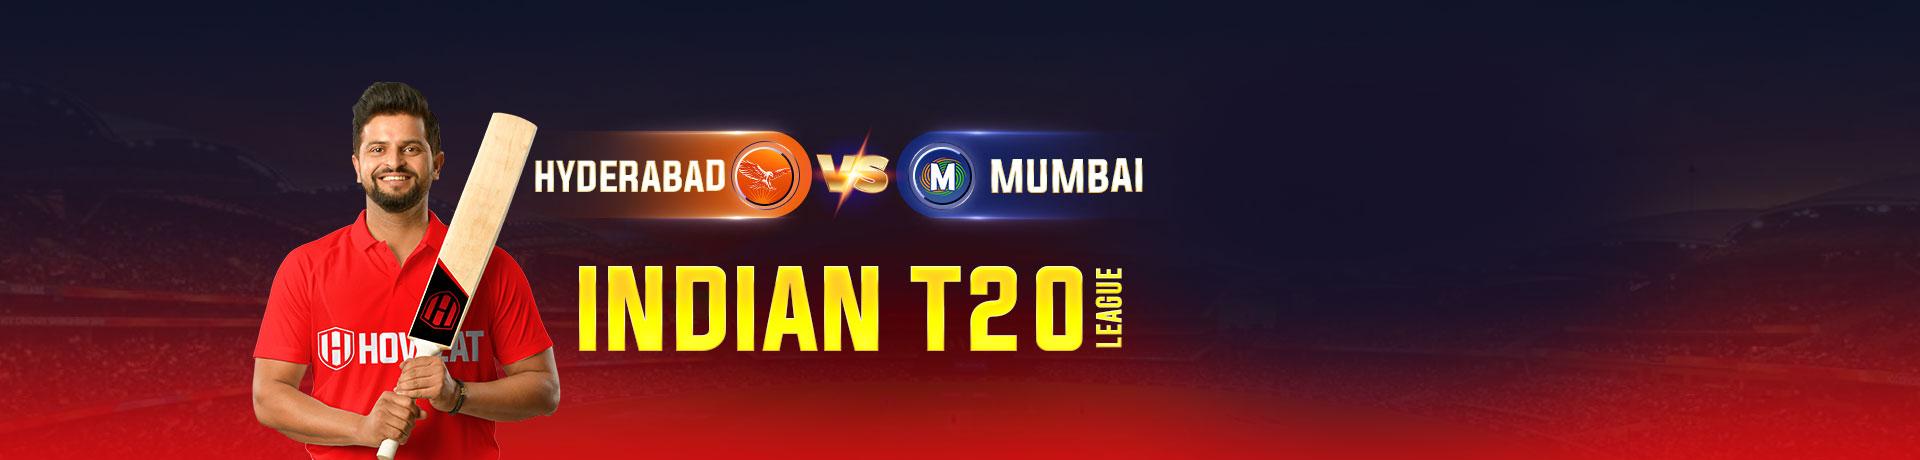 Hyderabad vs MumbaiIndian T20 League